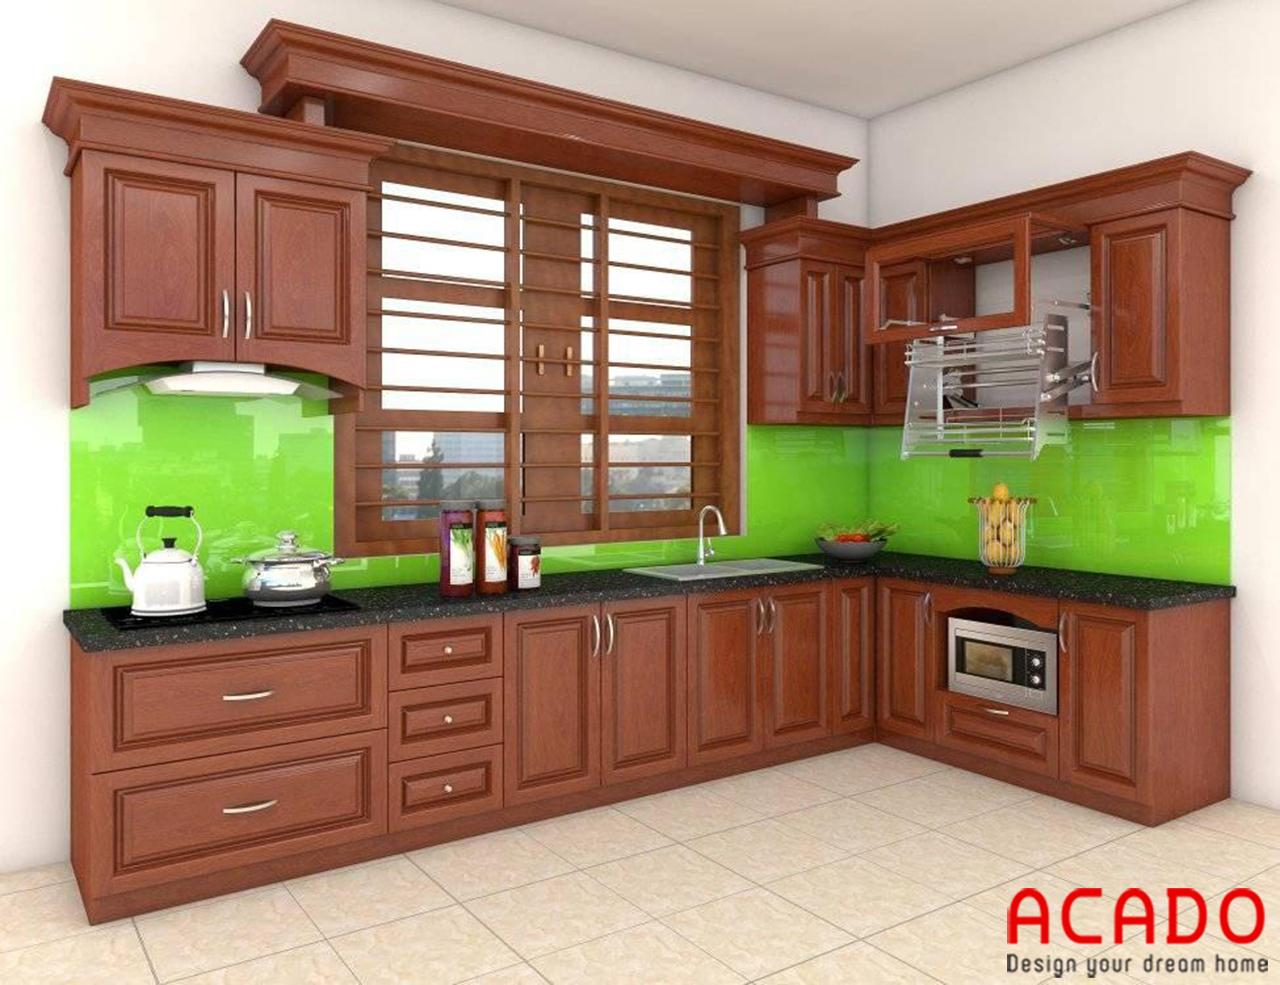 Mẫu tủ bếp gỗ xoan đào màu cách gián sang trọng điểm nhấn là kính ốp bếp màu xanh lá cây